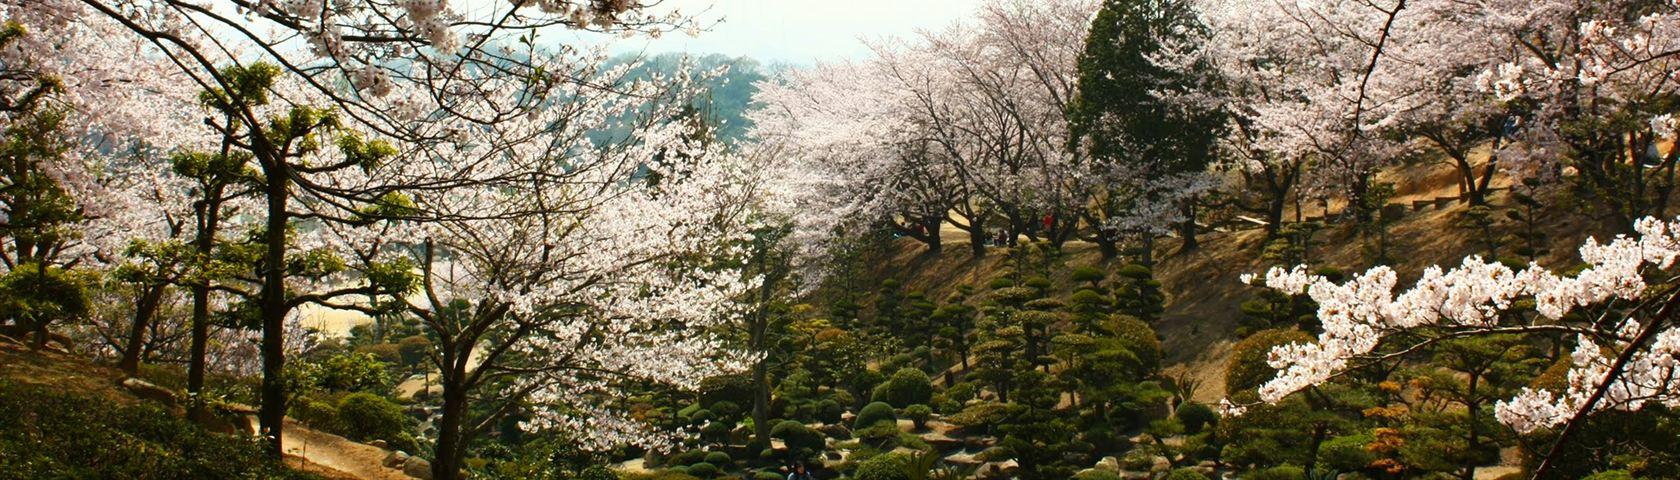 Flowering Cherry Trees in Tamashima Japan